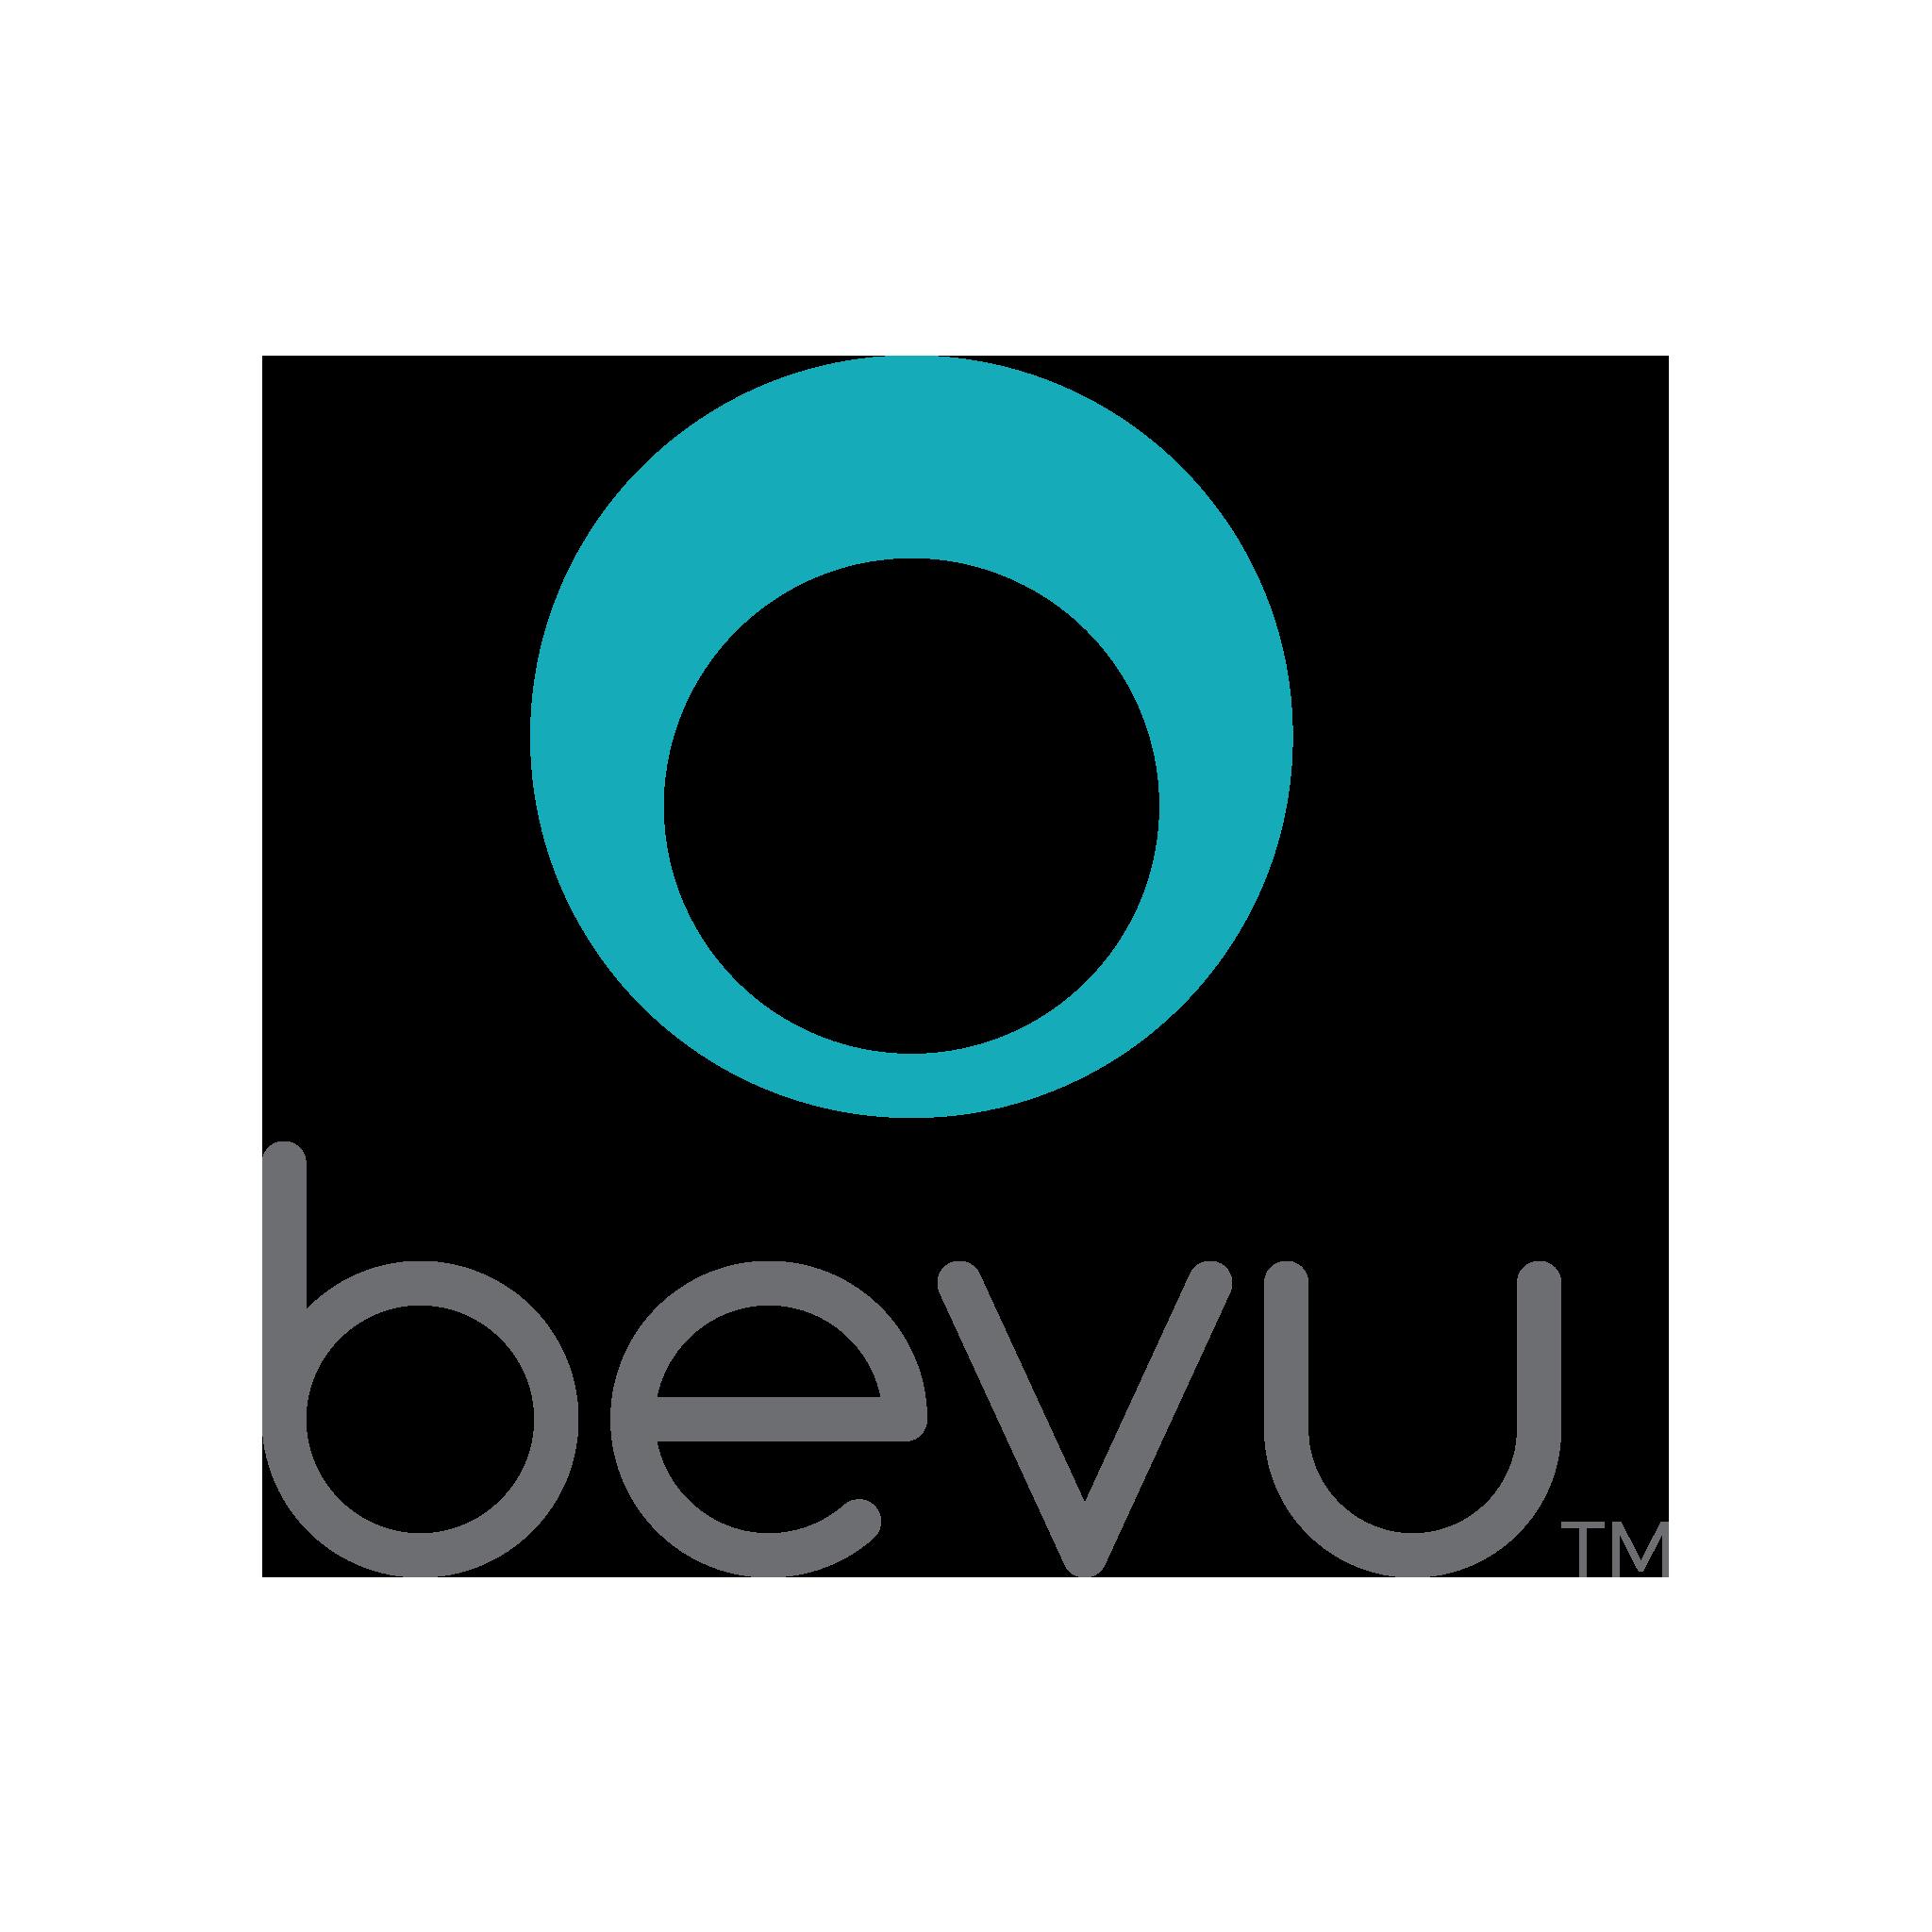 Bevu_logo